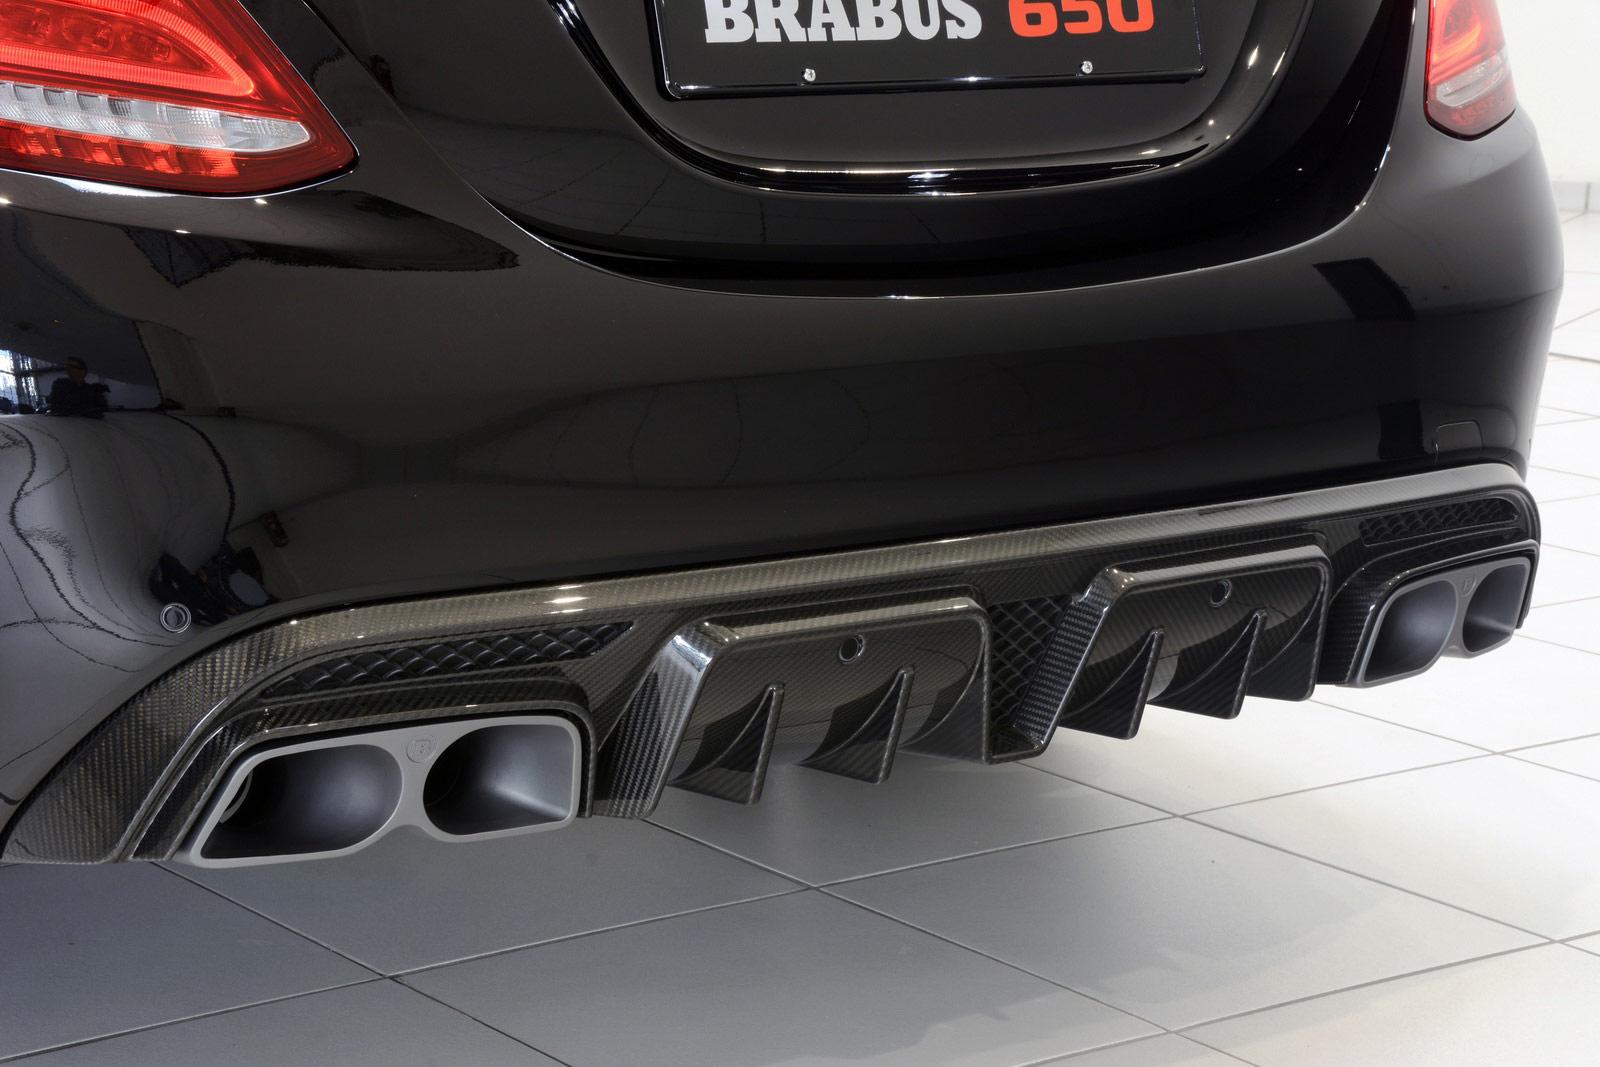 Mercedes-AMG C63 S Brabus C650 2016 (7)